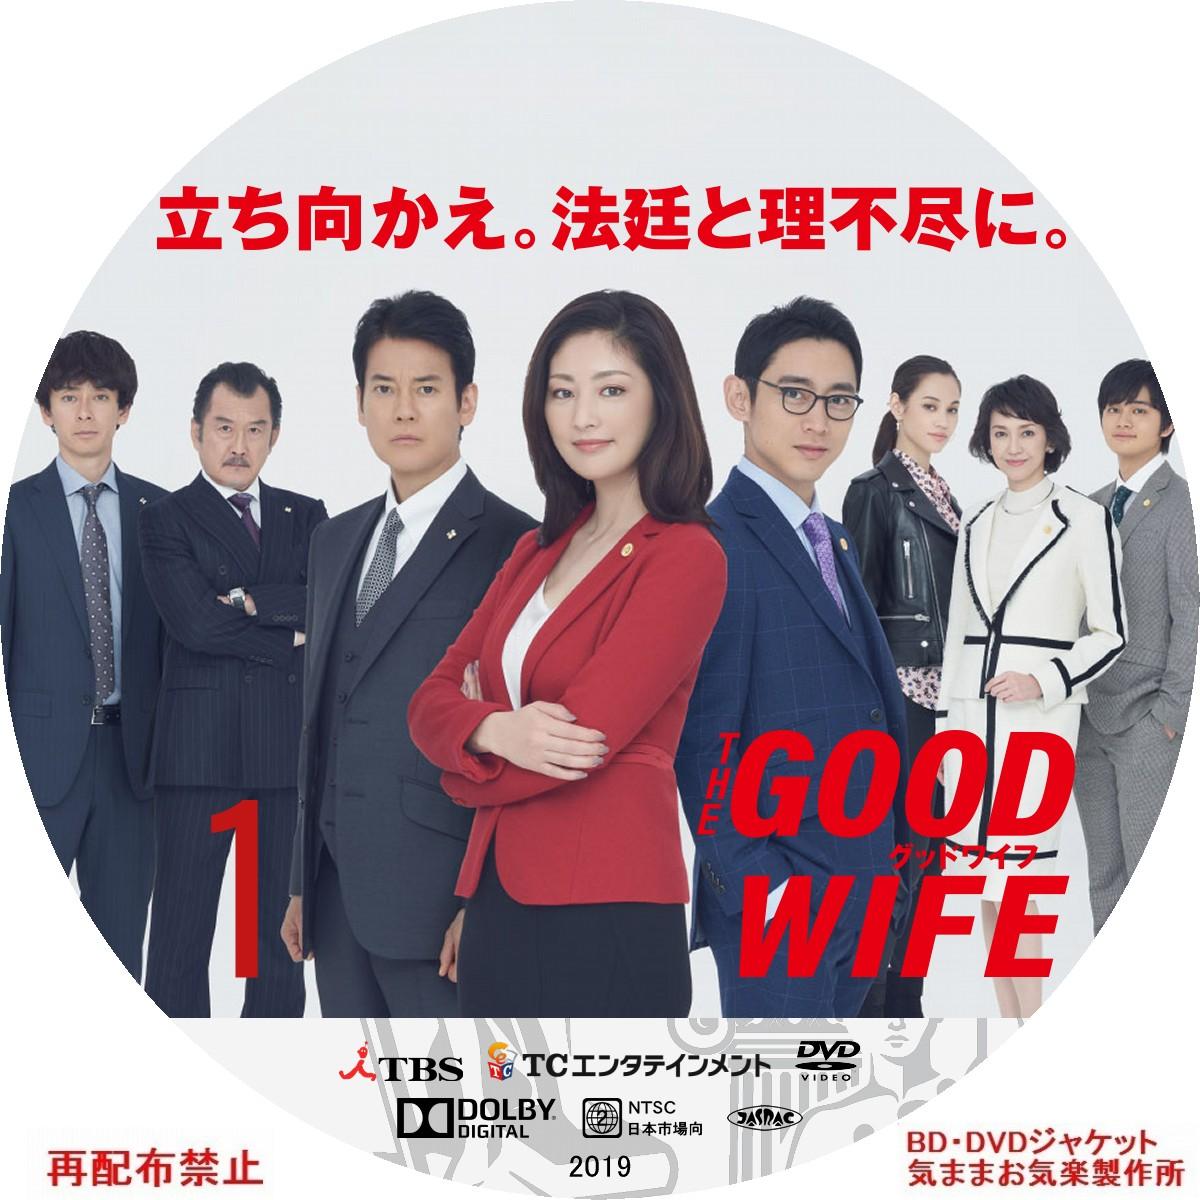 THE_GOOD_WIFE_DVD01_r.jpg